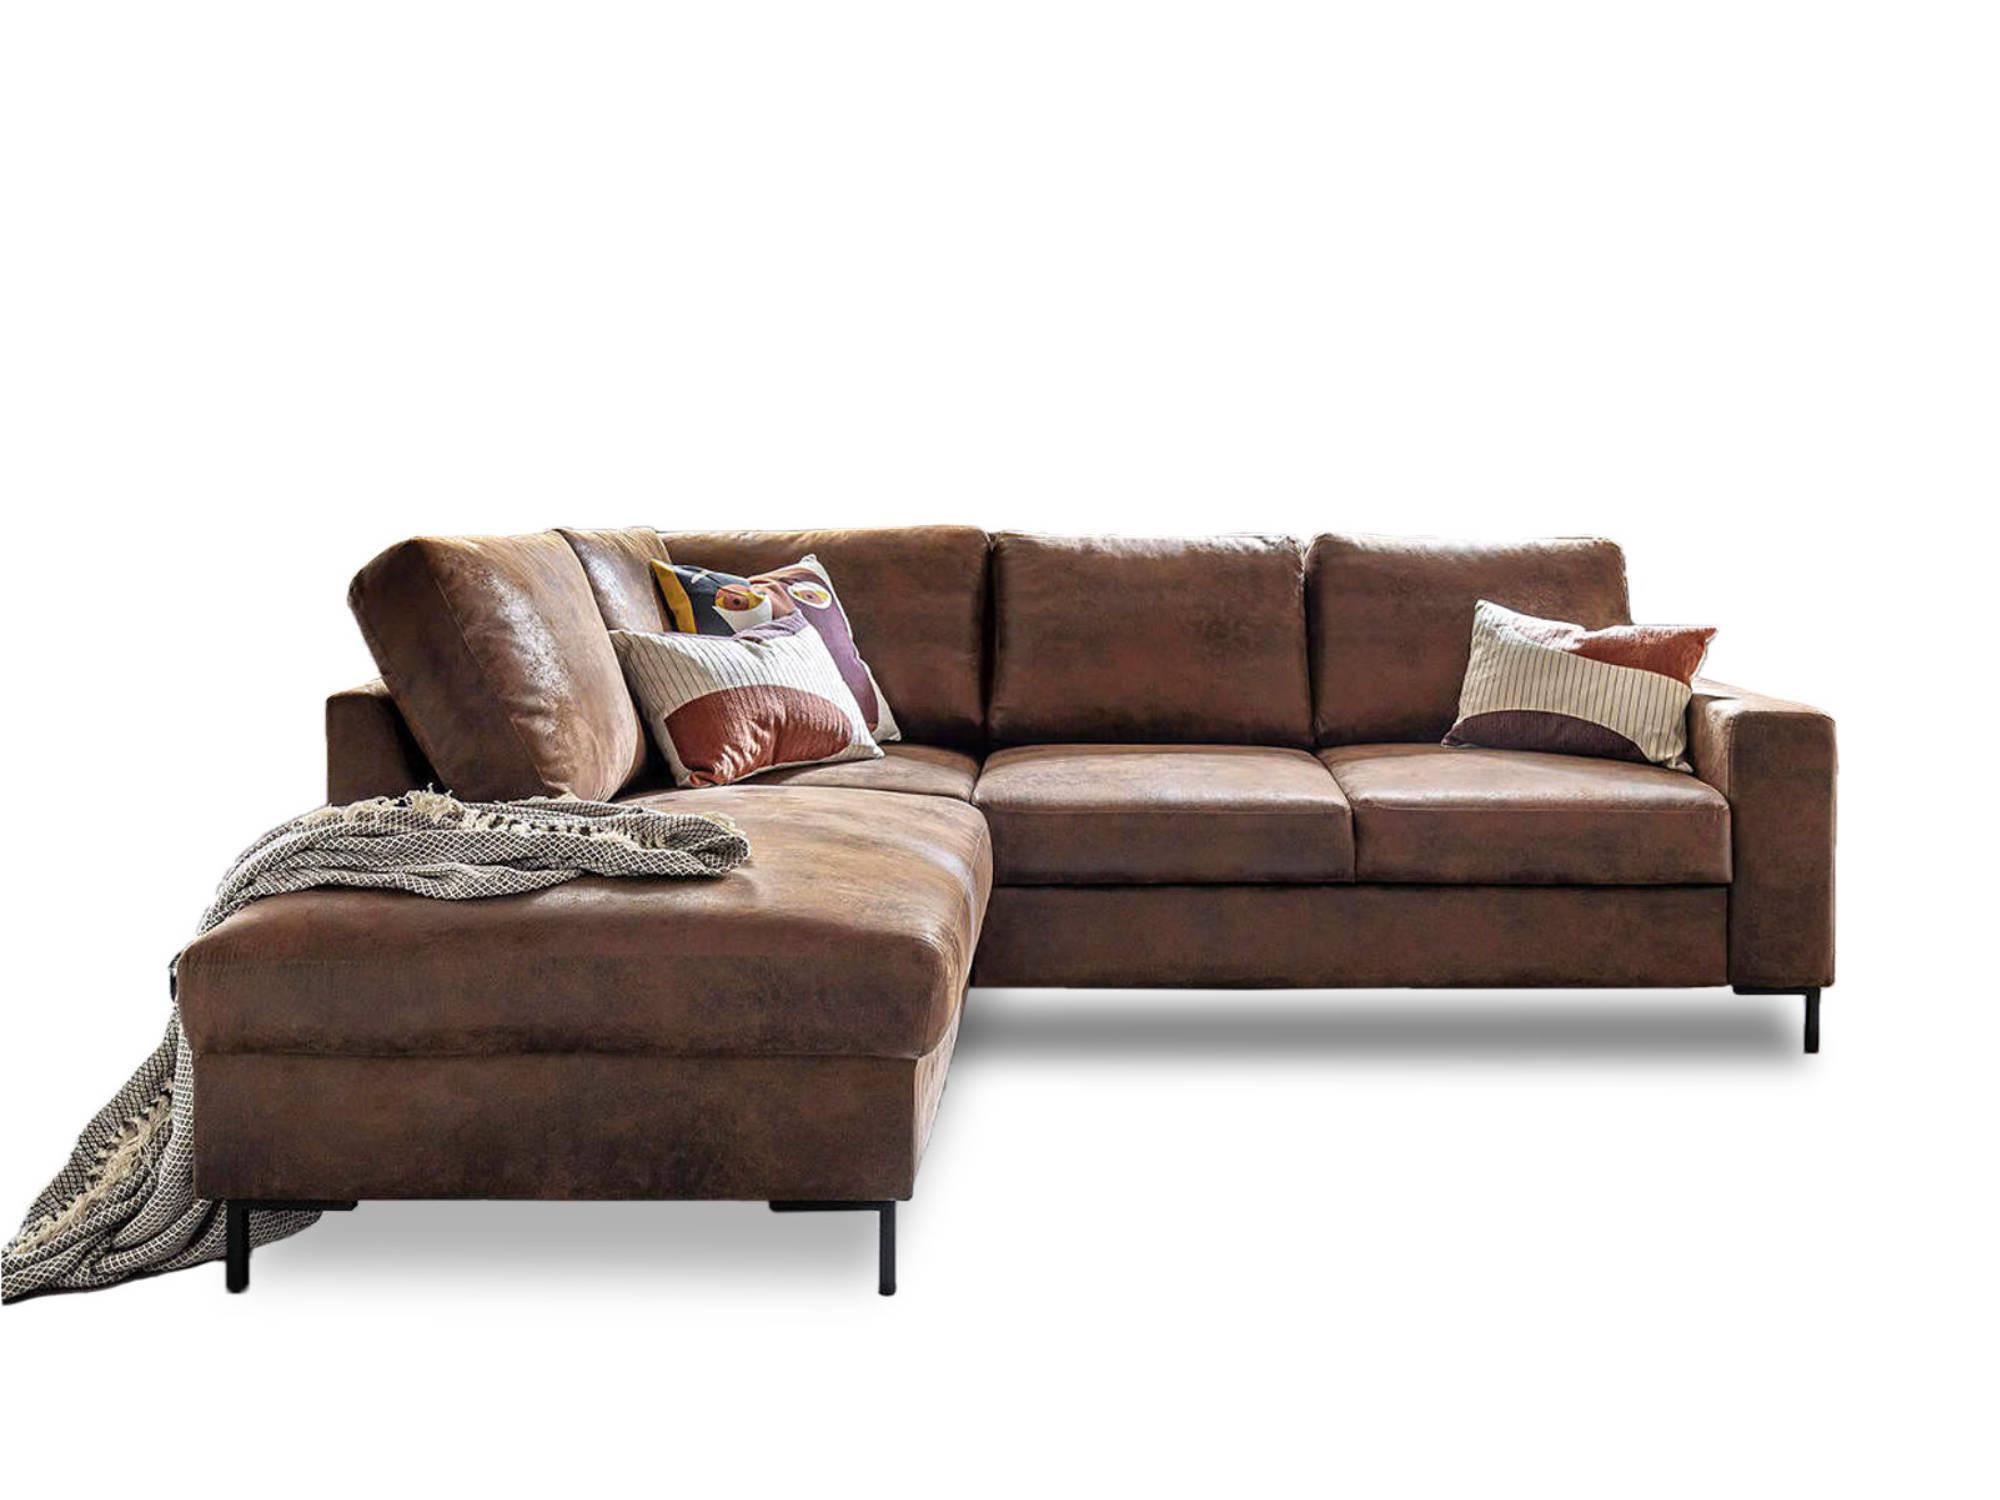 Canapé d'angle 5 places Marron Microfibre Contemporain Confort